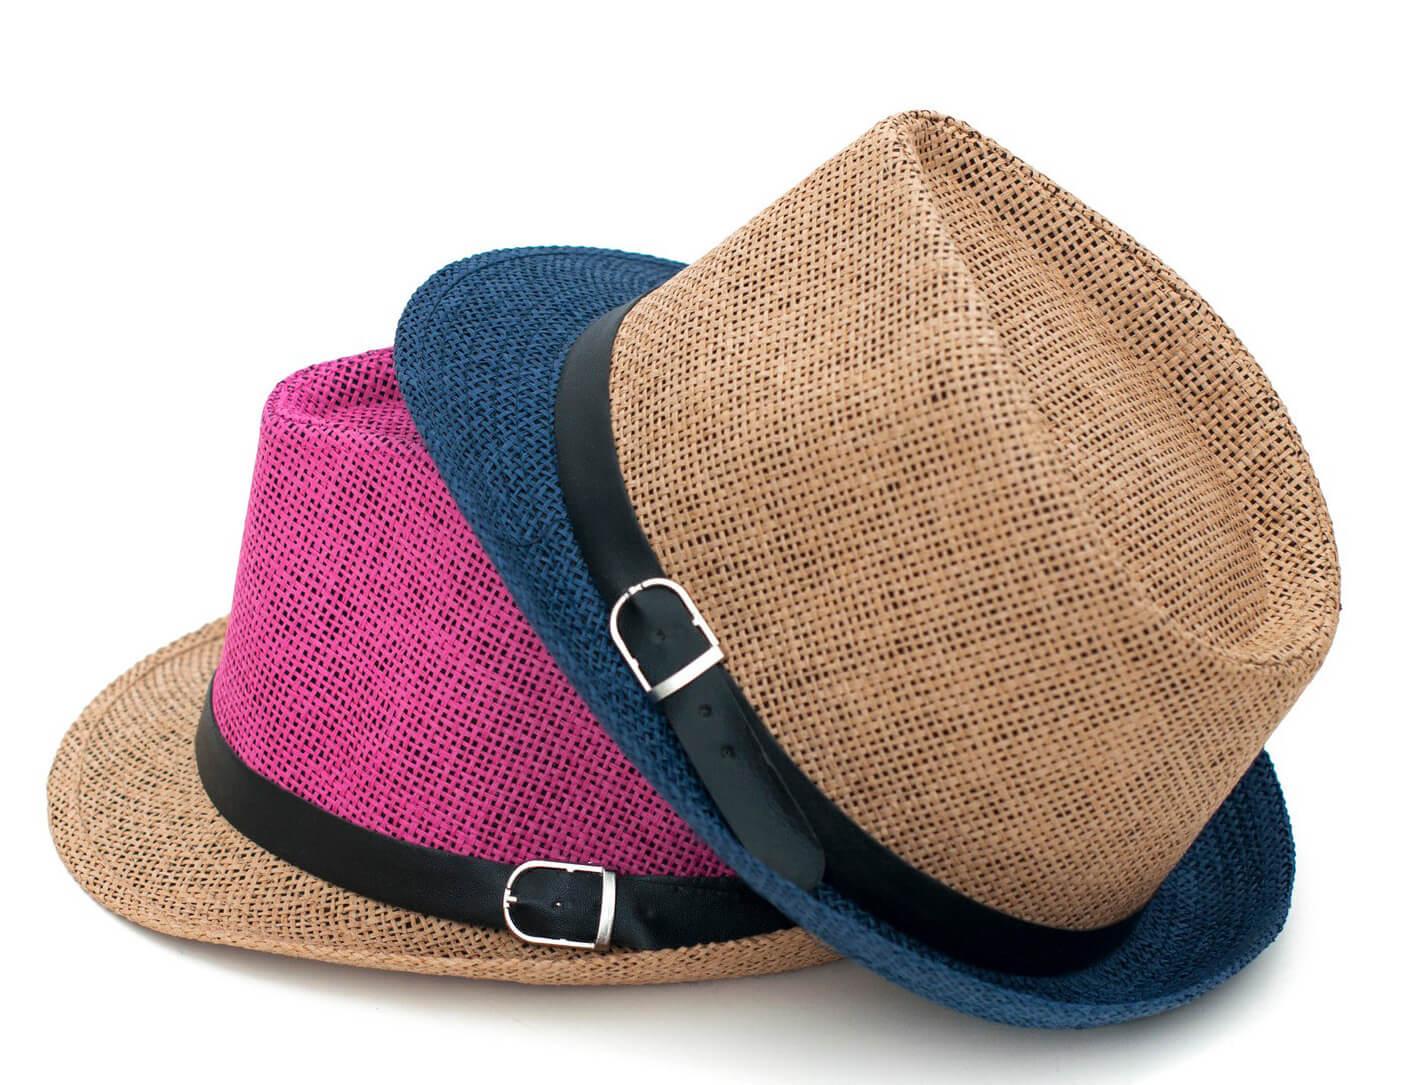 743a0738b19 Art of Polo Letní klobouk dvoubarevný - béžovorůžový cz15160.12 V akci ·  Foto je pouze ilustrativní – je vyobrazena jiná barva produktu.